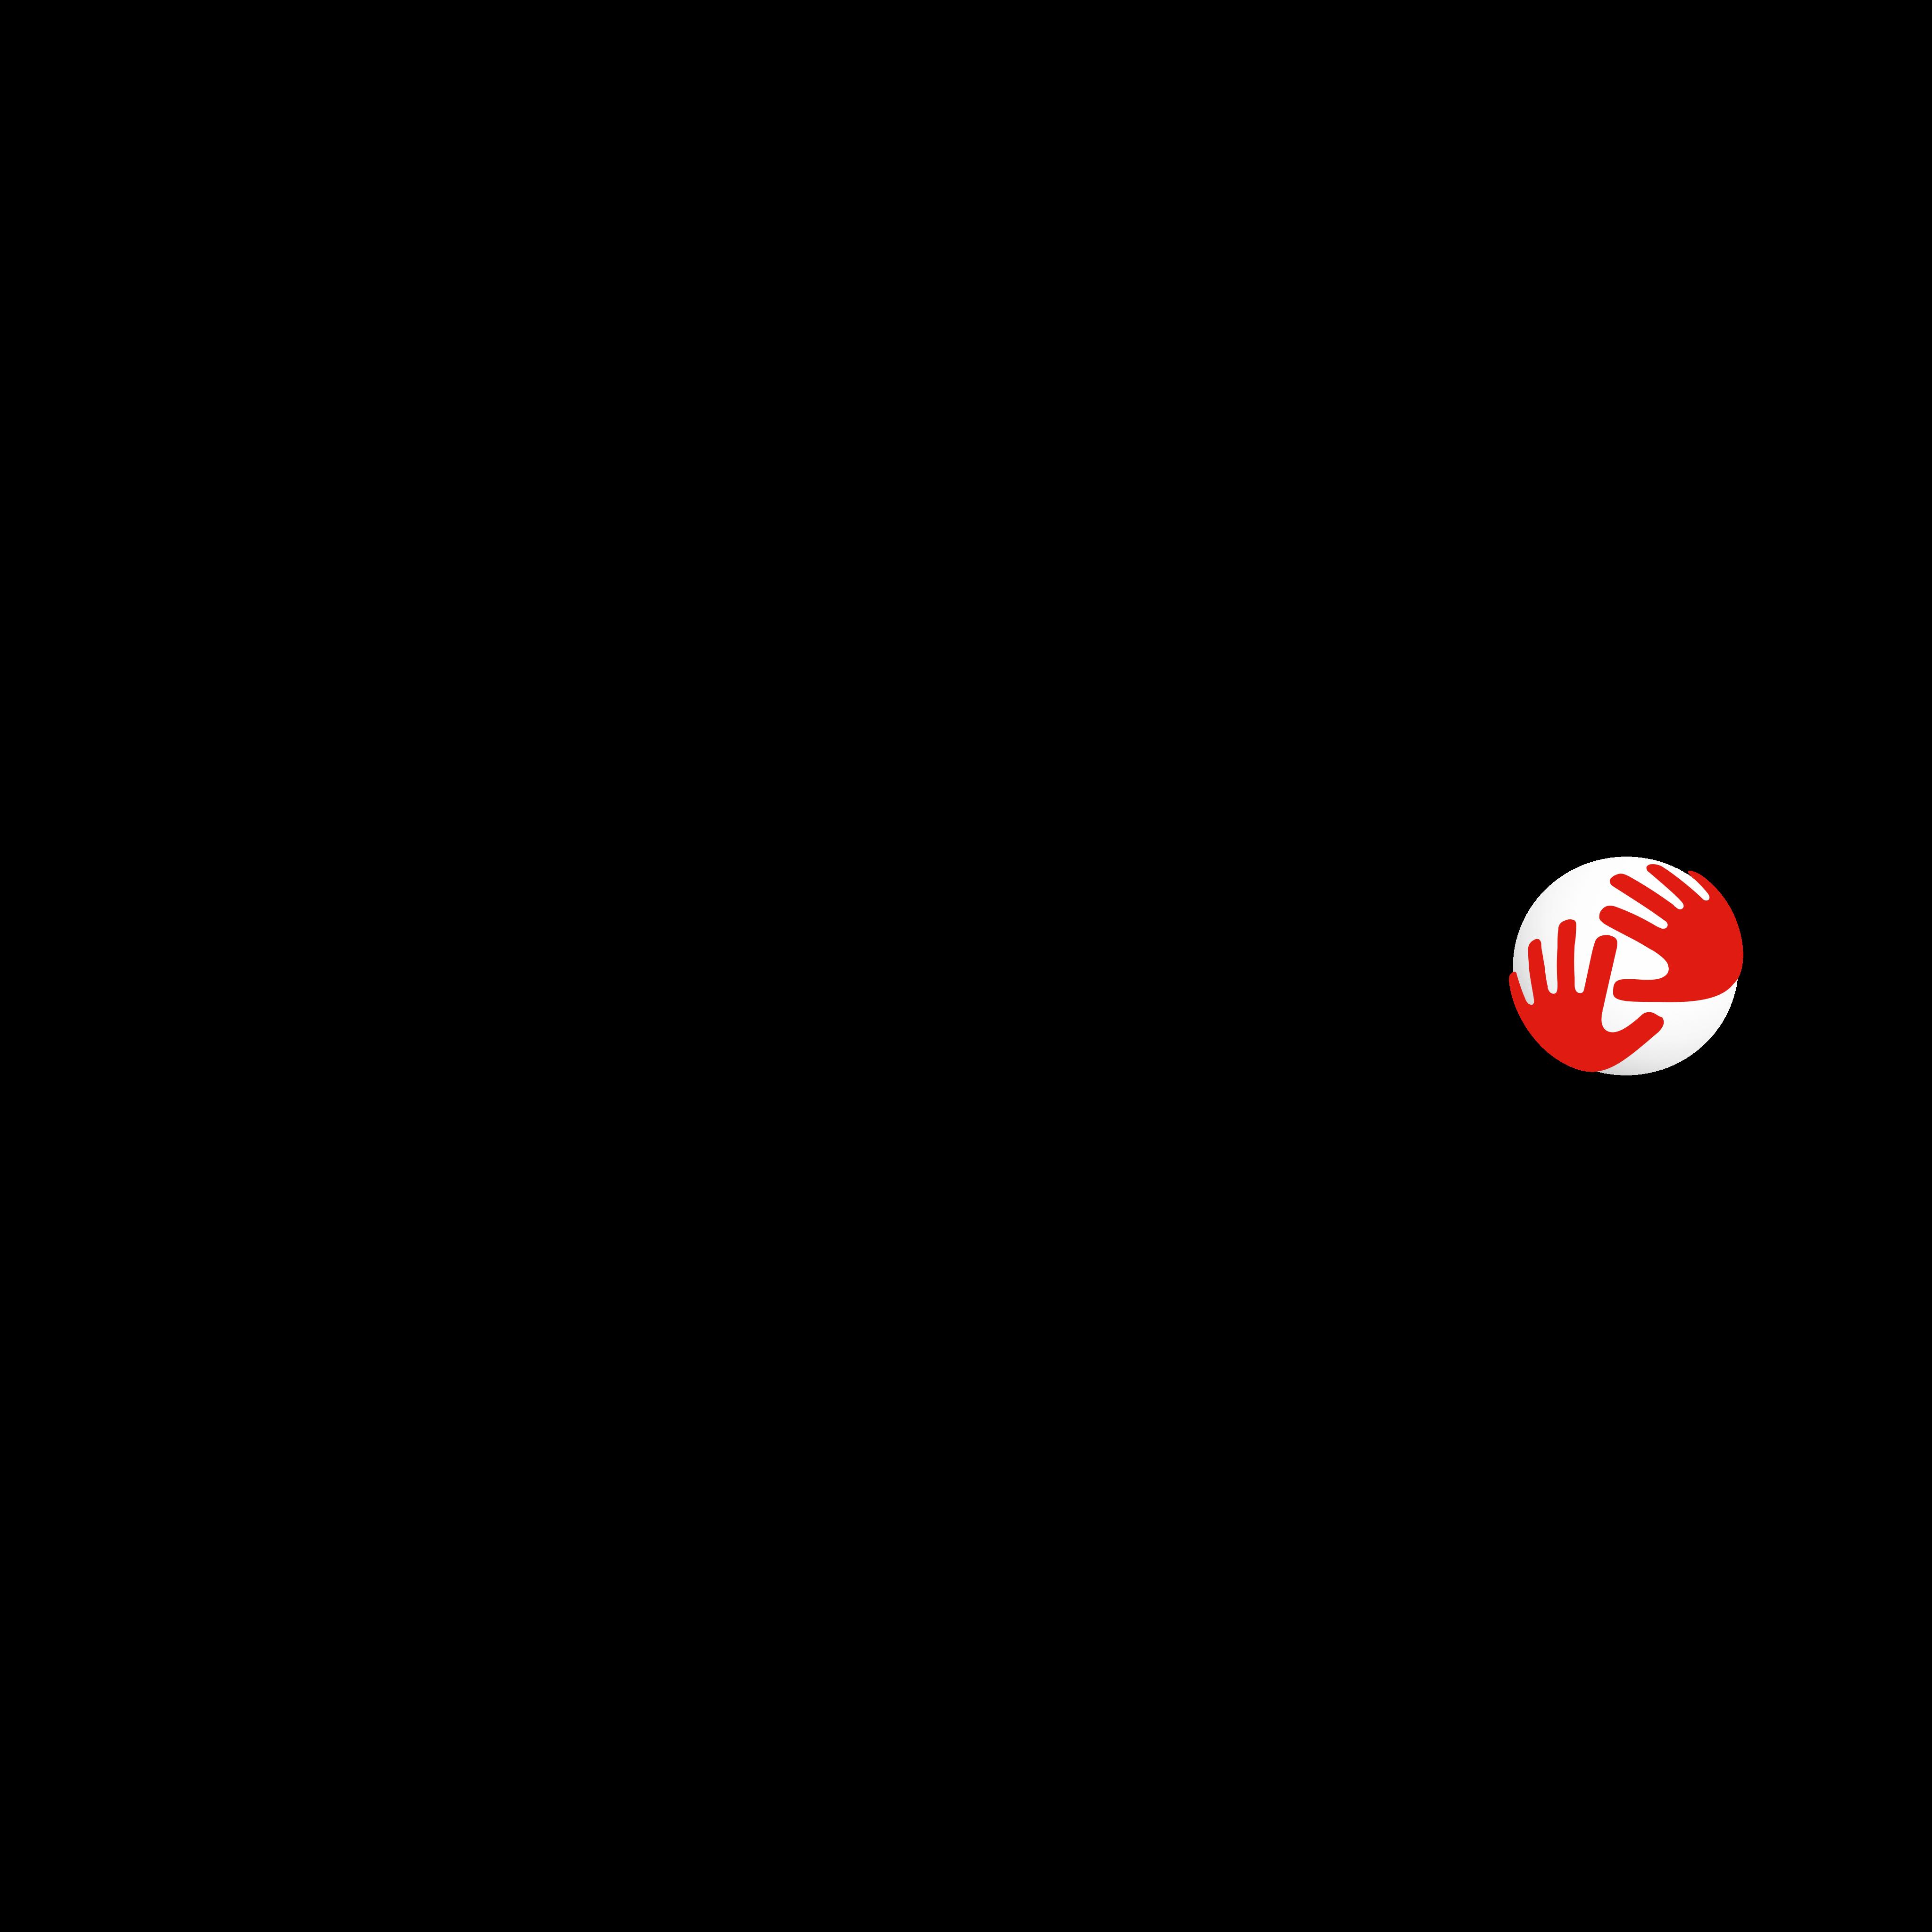 tomtom-logo-0